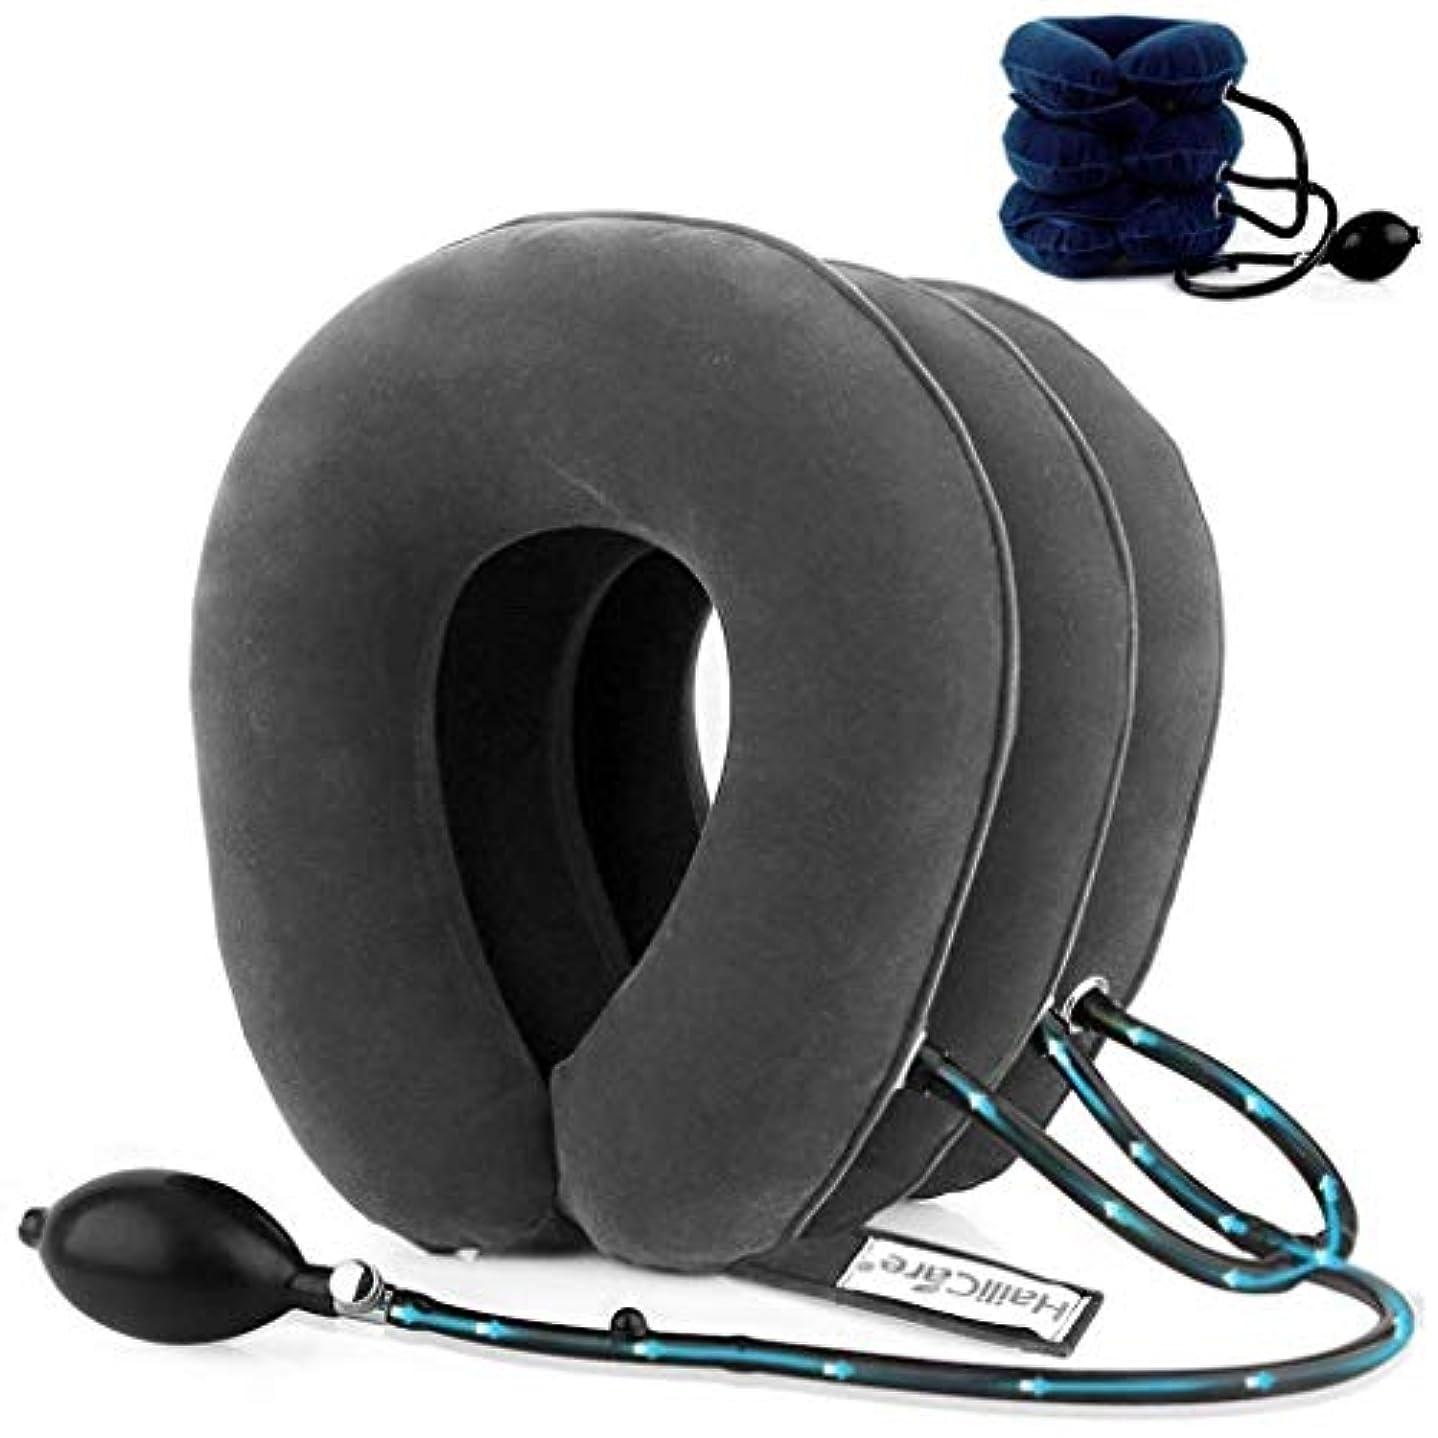 危険な十阻害する首のマッサージャー、膨脹可能なマッサージの首の枕、頚部牽引装置、背部/肩の首のマッサージャー、ヘルスケア、苦痛救助/圧力 (Color : Gray)